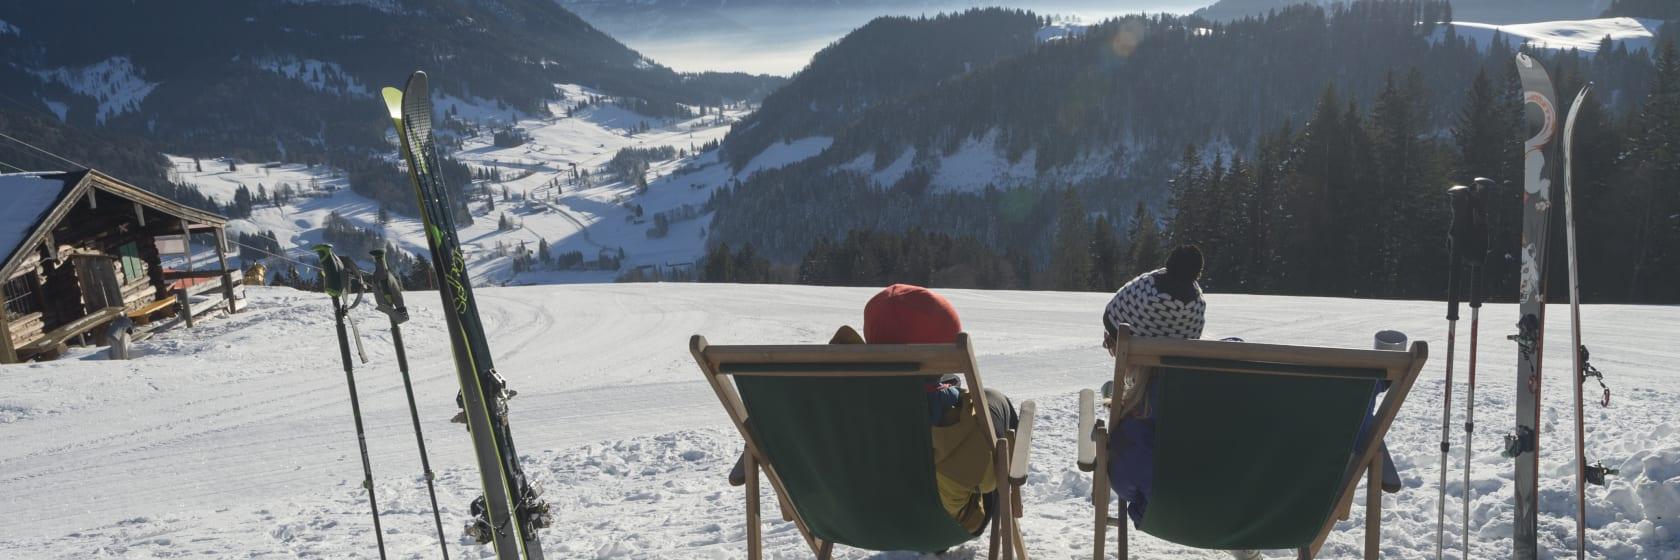 To personer siddende i liggestole med skiene i sneen og udsift over bjergene i solen